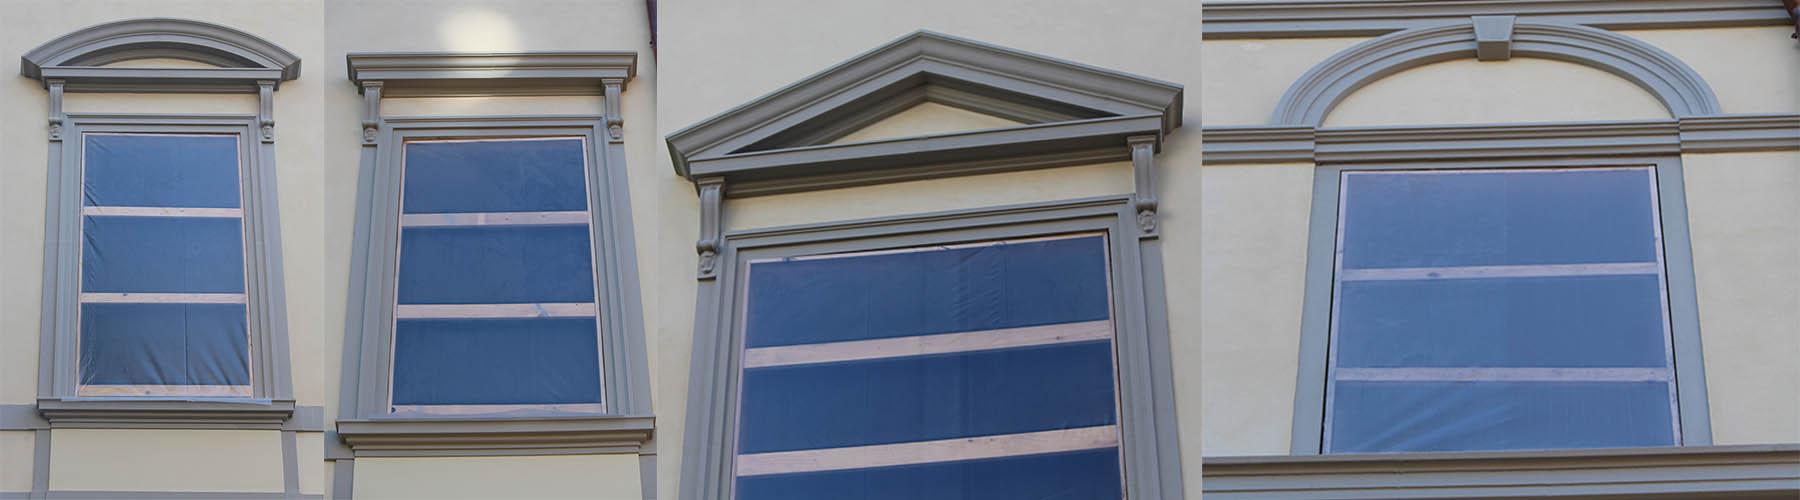 Cornici in polistirolo per finestre esterne per restauro - Restauro finestre in legno prezzi ...